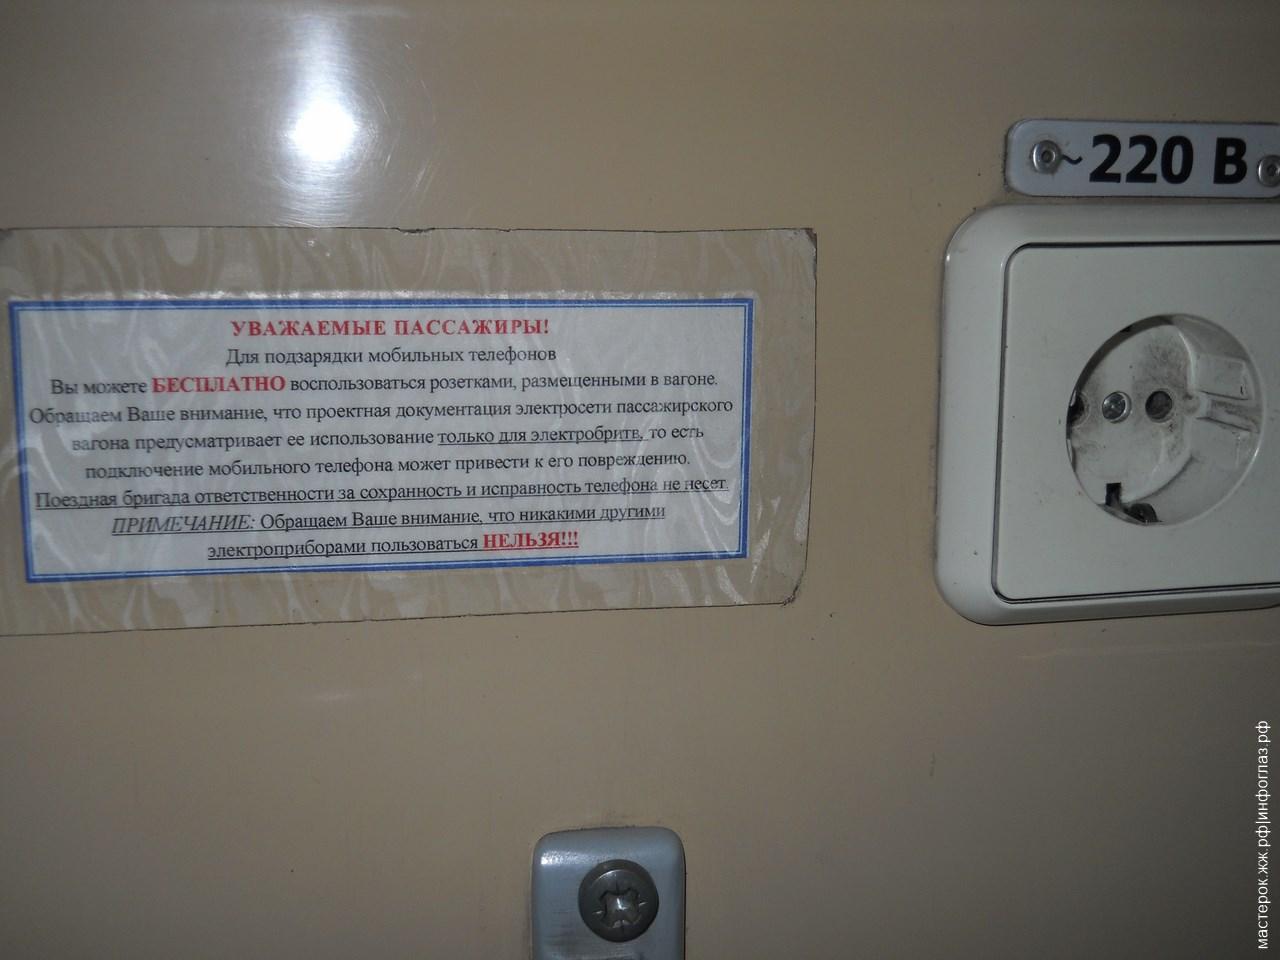 Где находится розетка в плацкартном вагоне фирменного поезда